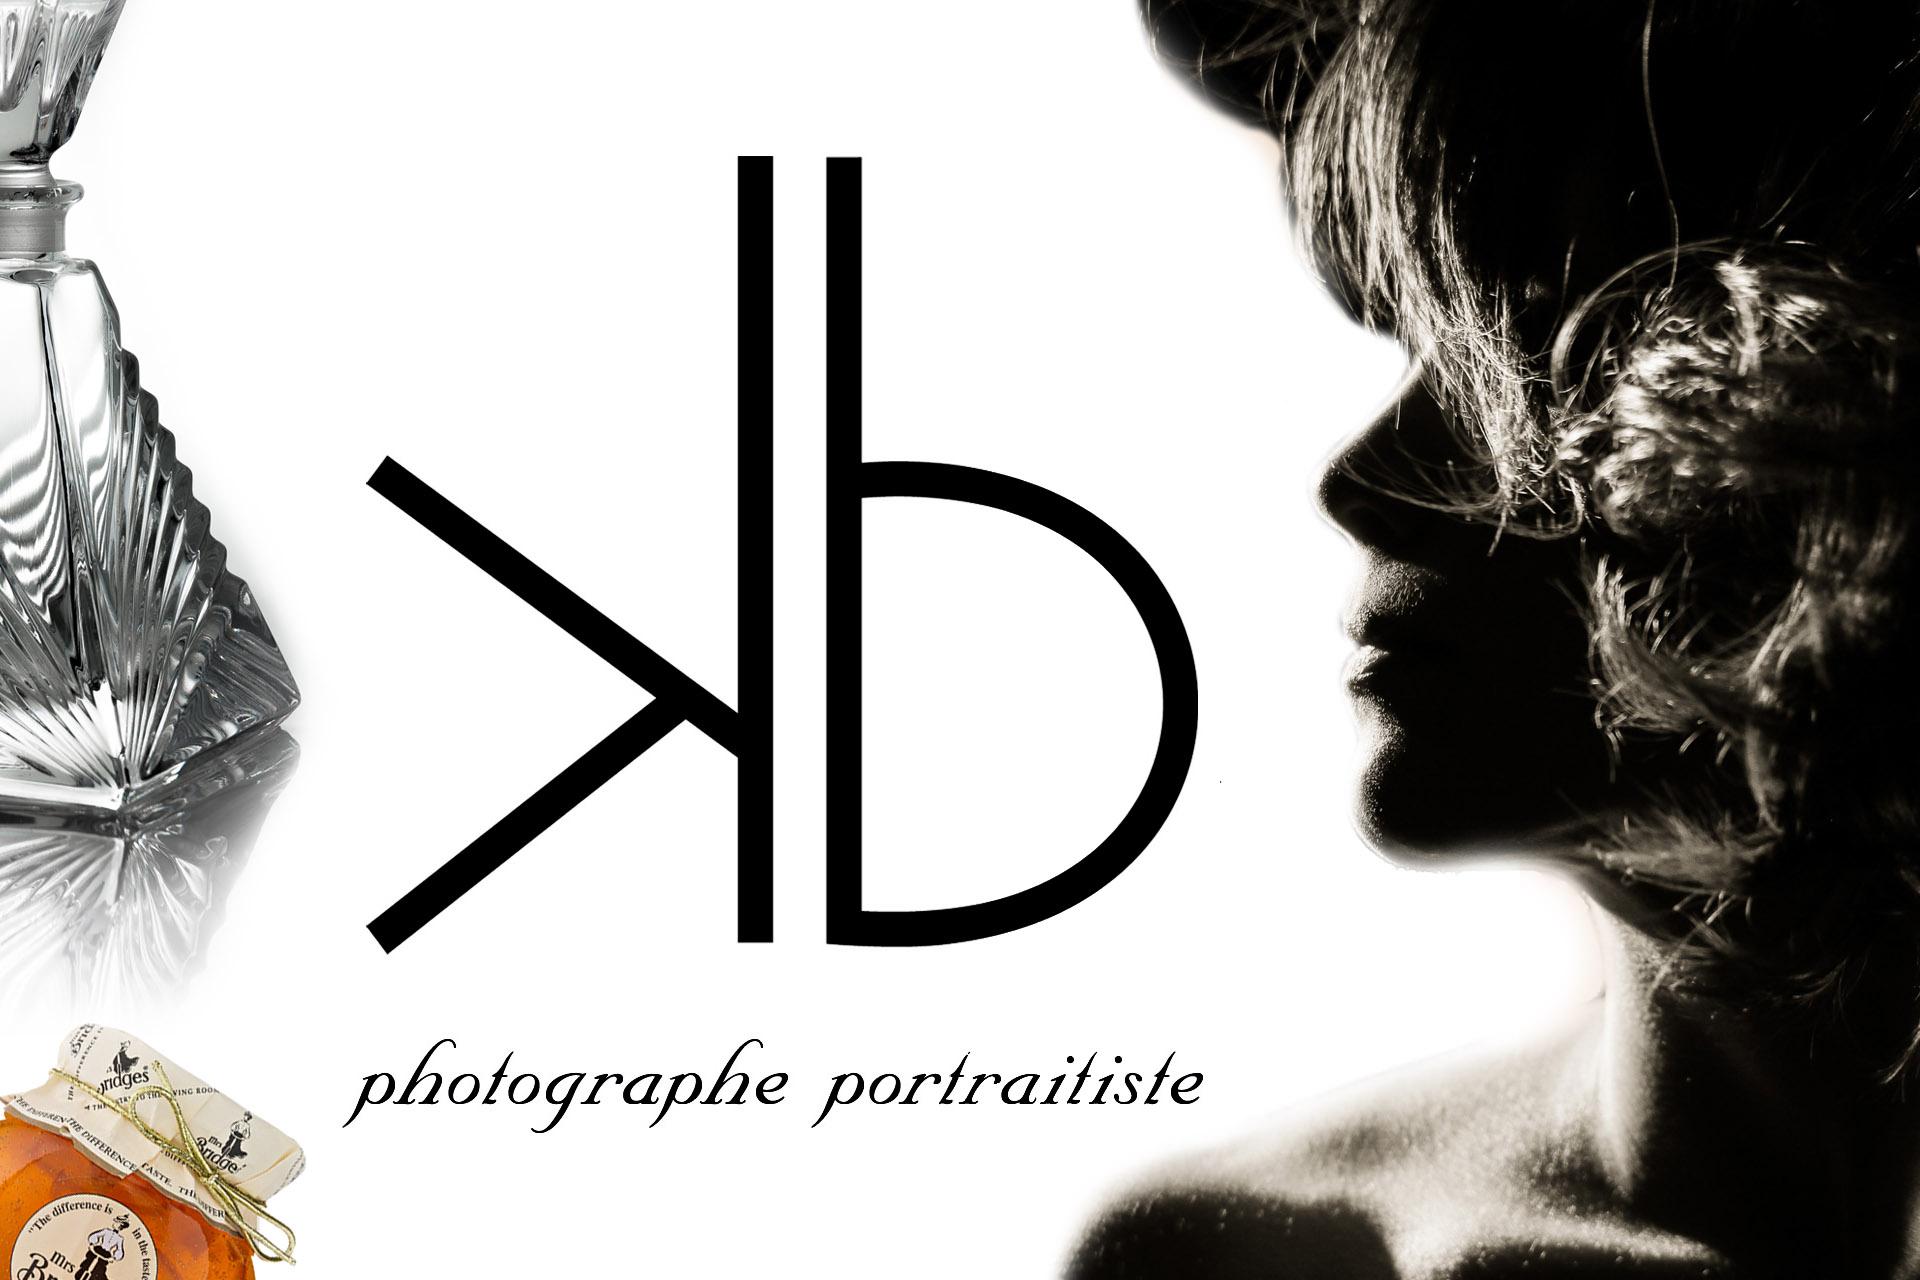 Karina Balzer photographe portraitiste